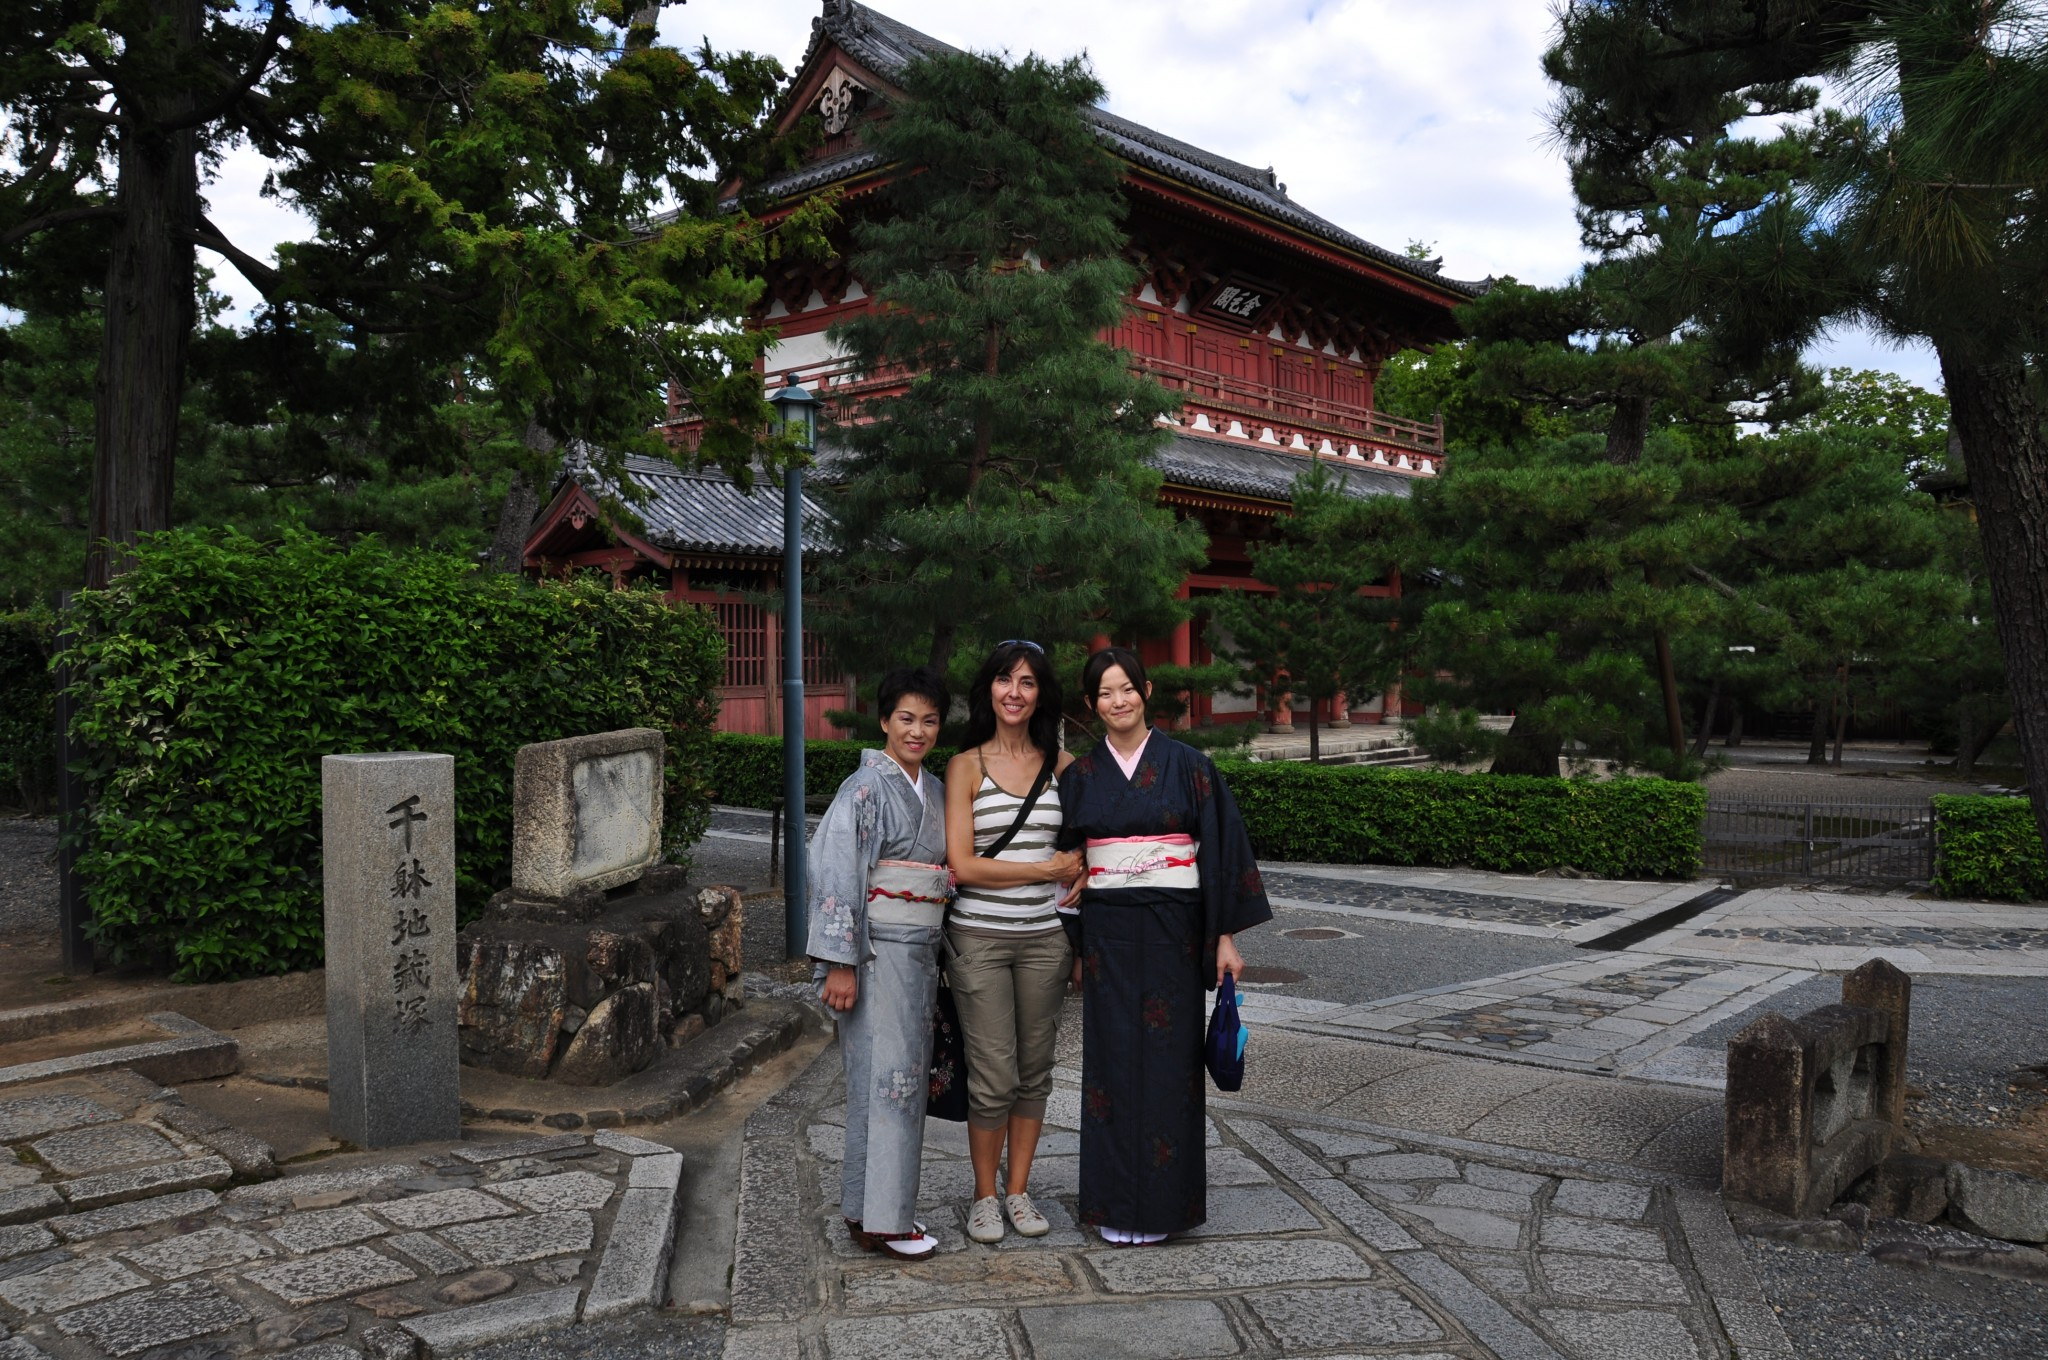 Kioto Daitoku-ji